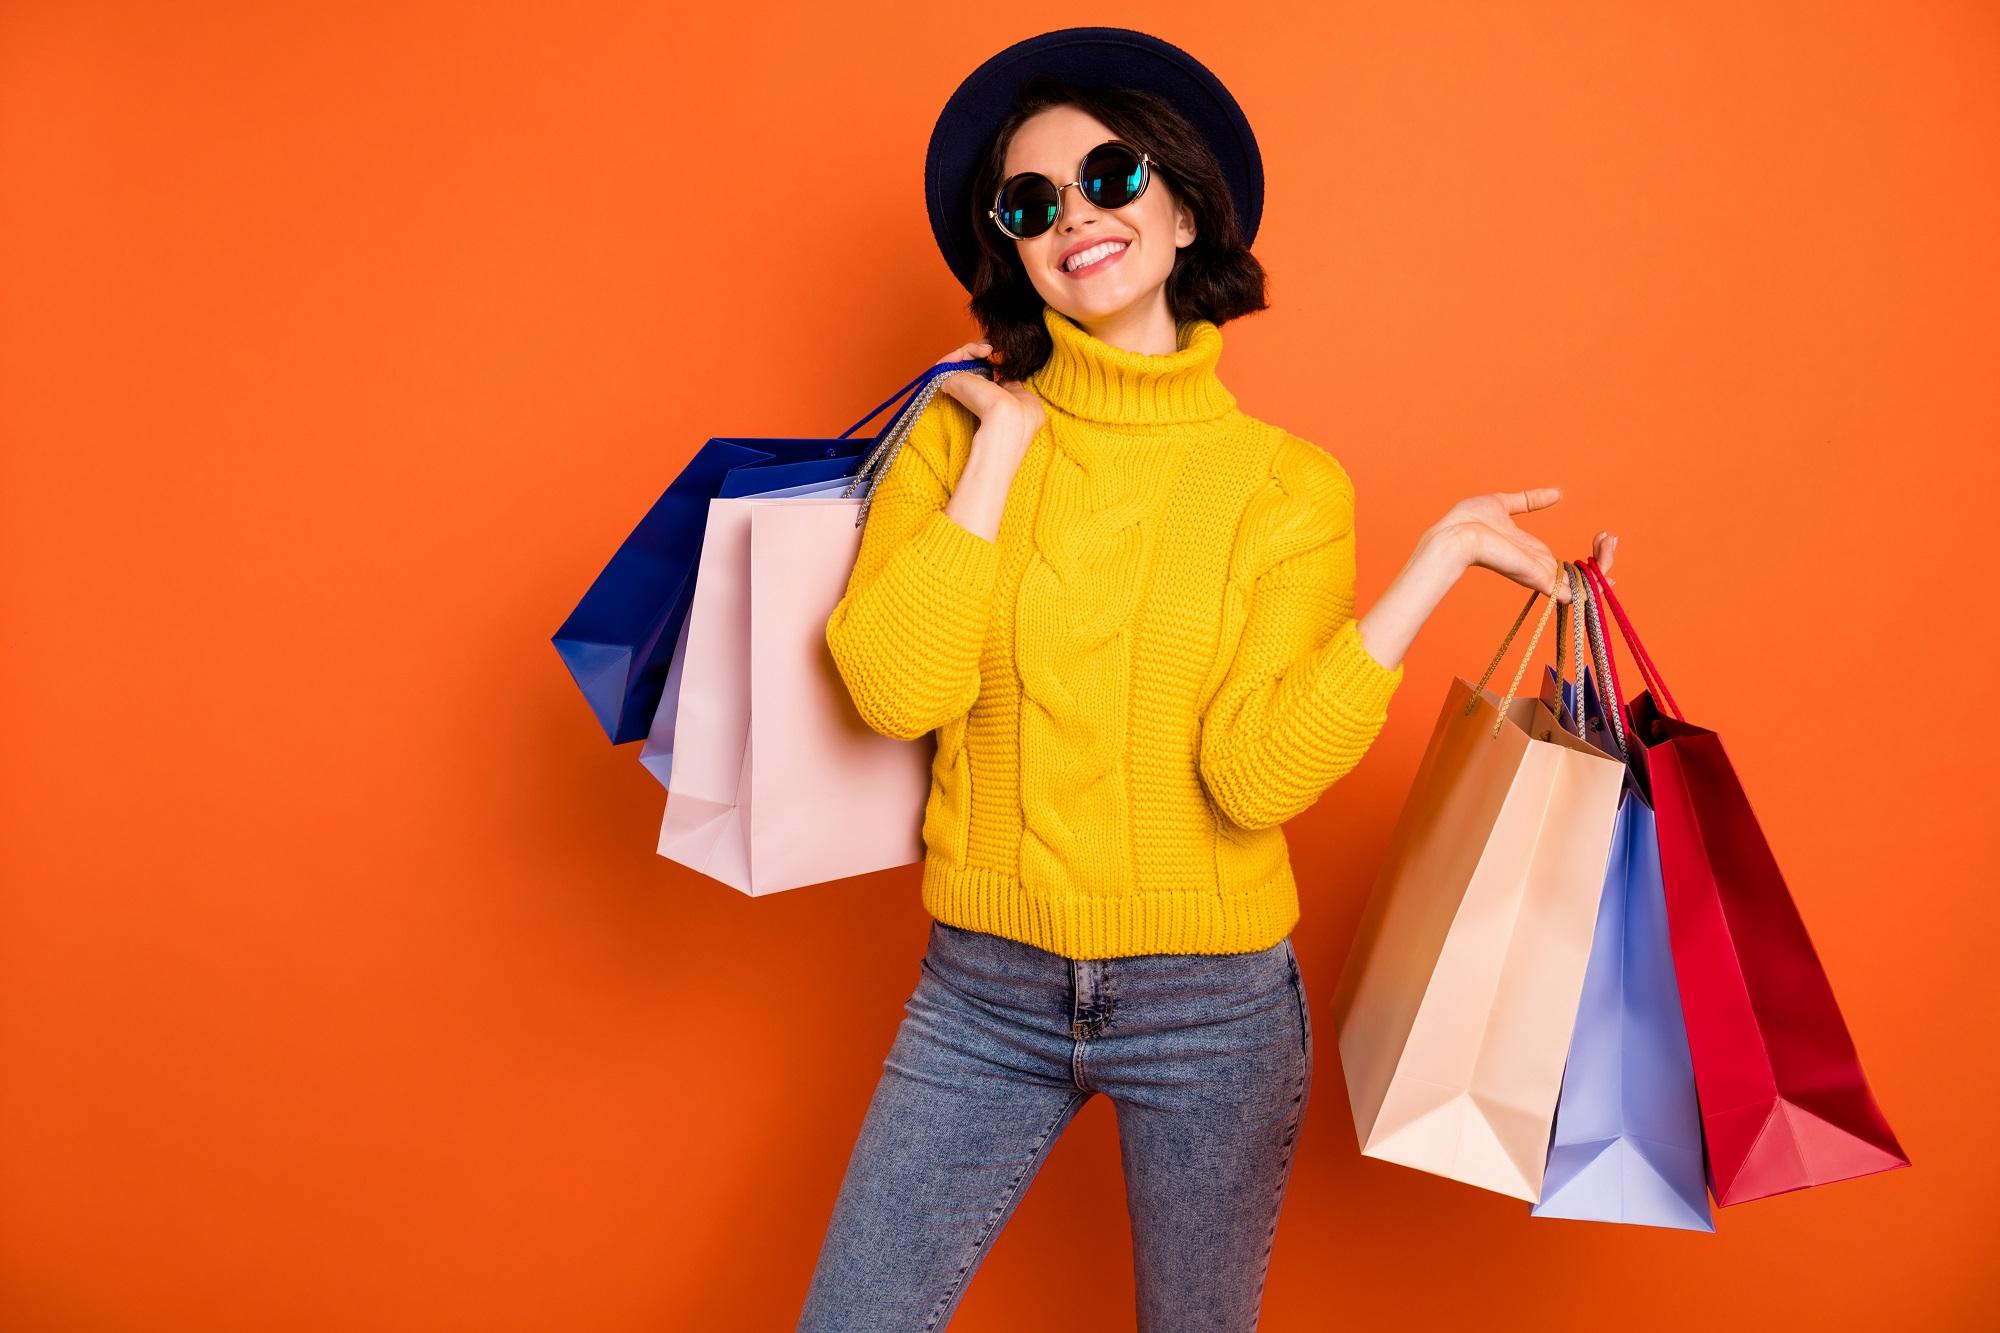 Rebajas: las tiendas están obligadas a abaratar la mitad de sus productos y mostrar el precio original